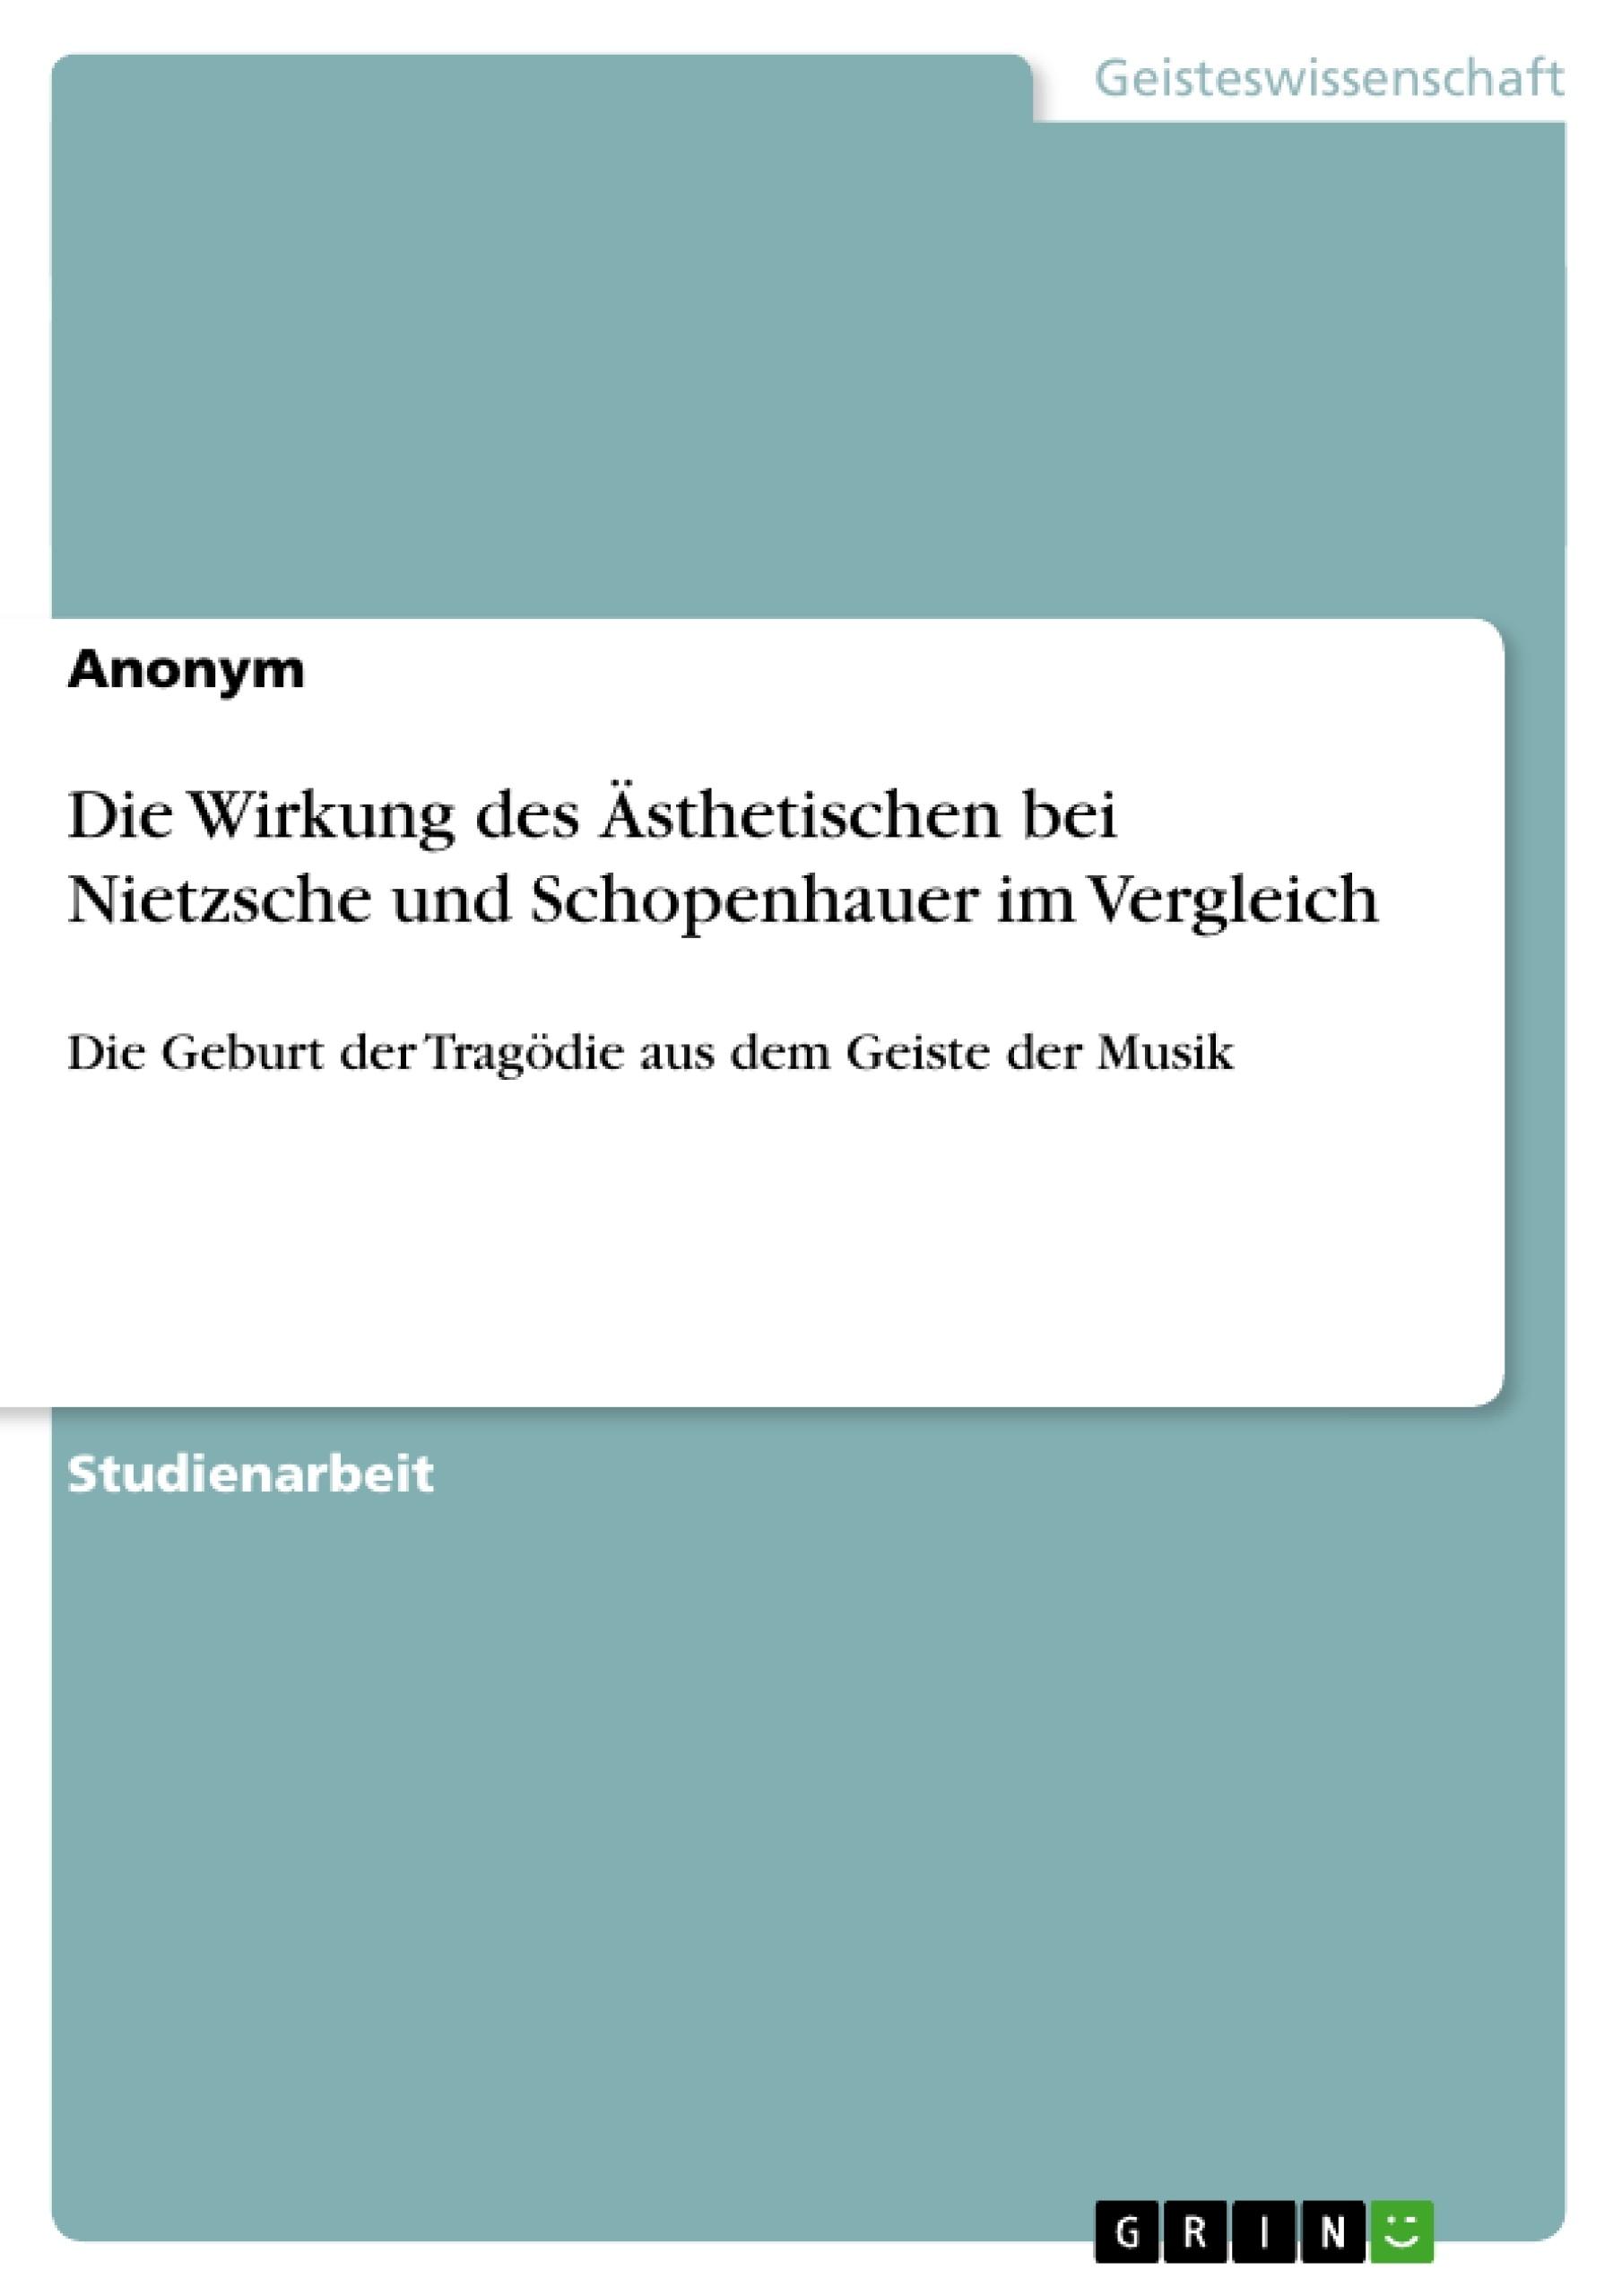 Titel: Die Wirkung des Ästhetischen bei Nietzsche und Schopenhauer im Vergleich